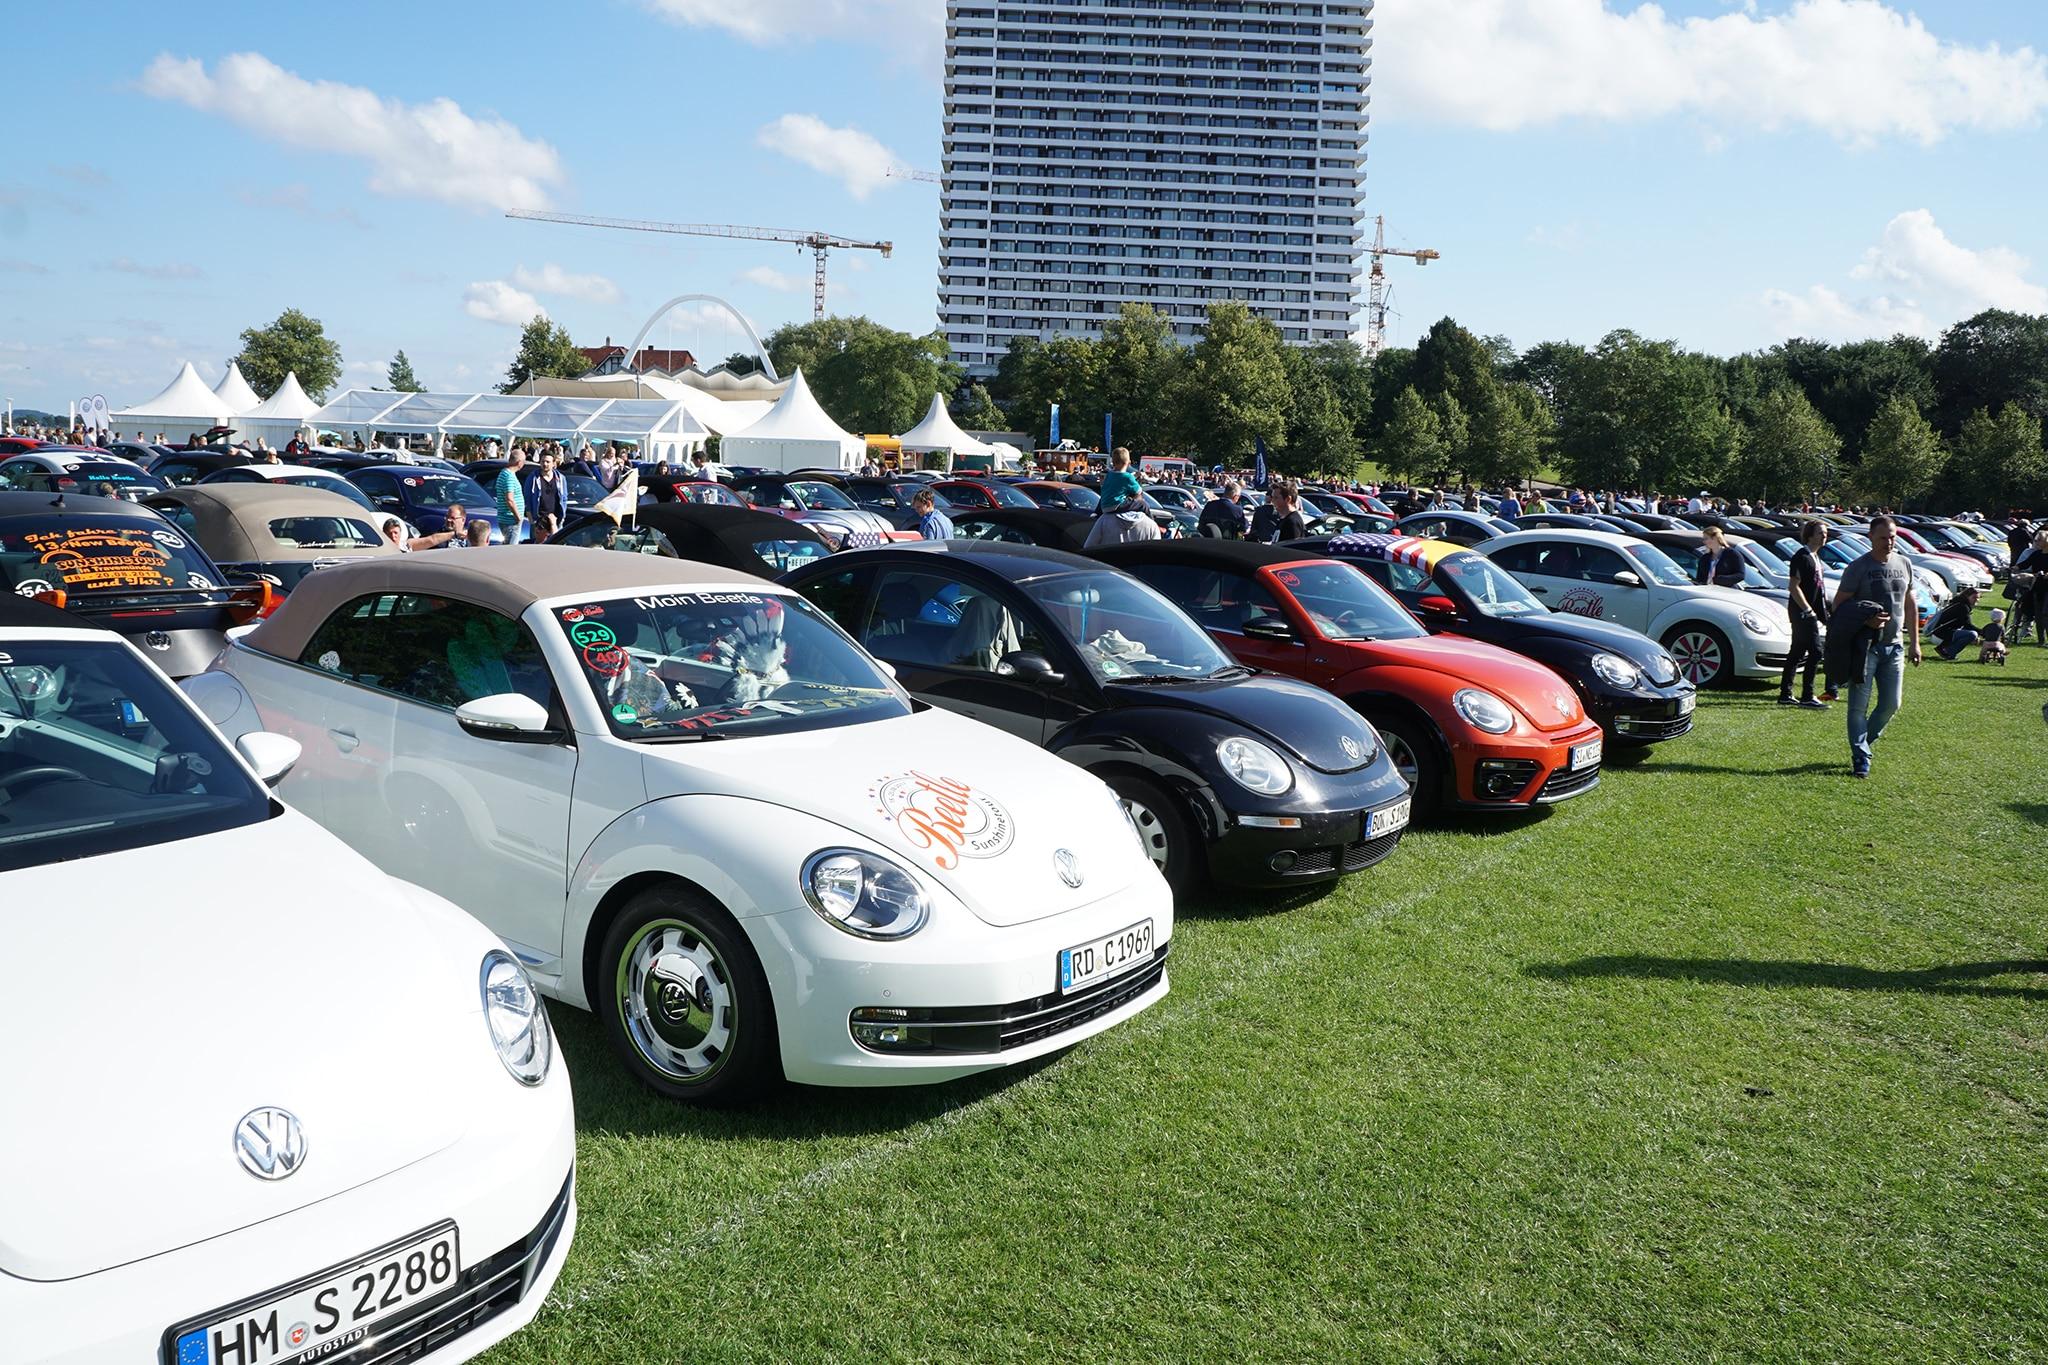 Volkswagen Sunshine Tour Overview